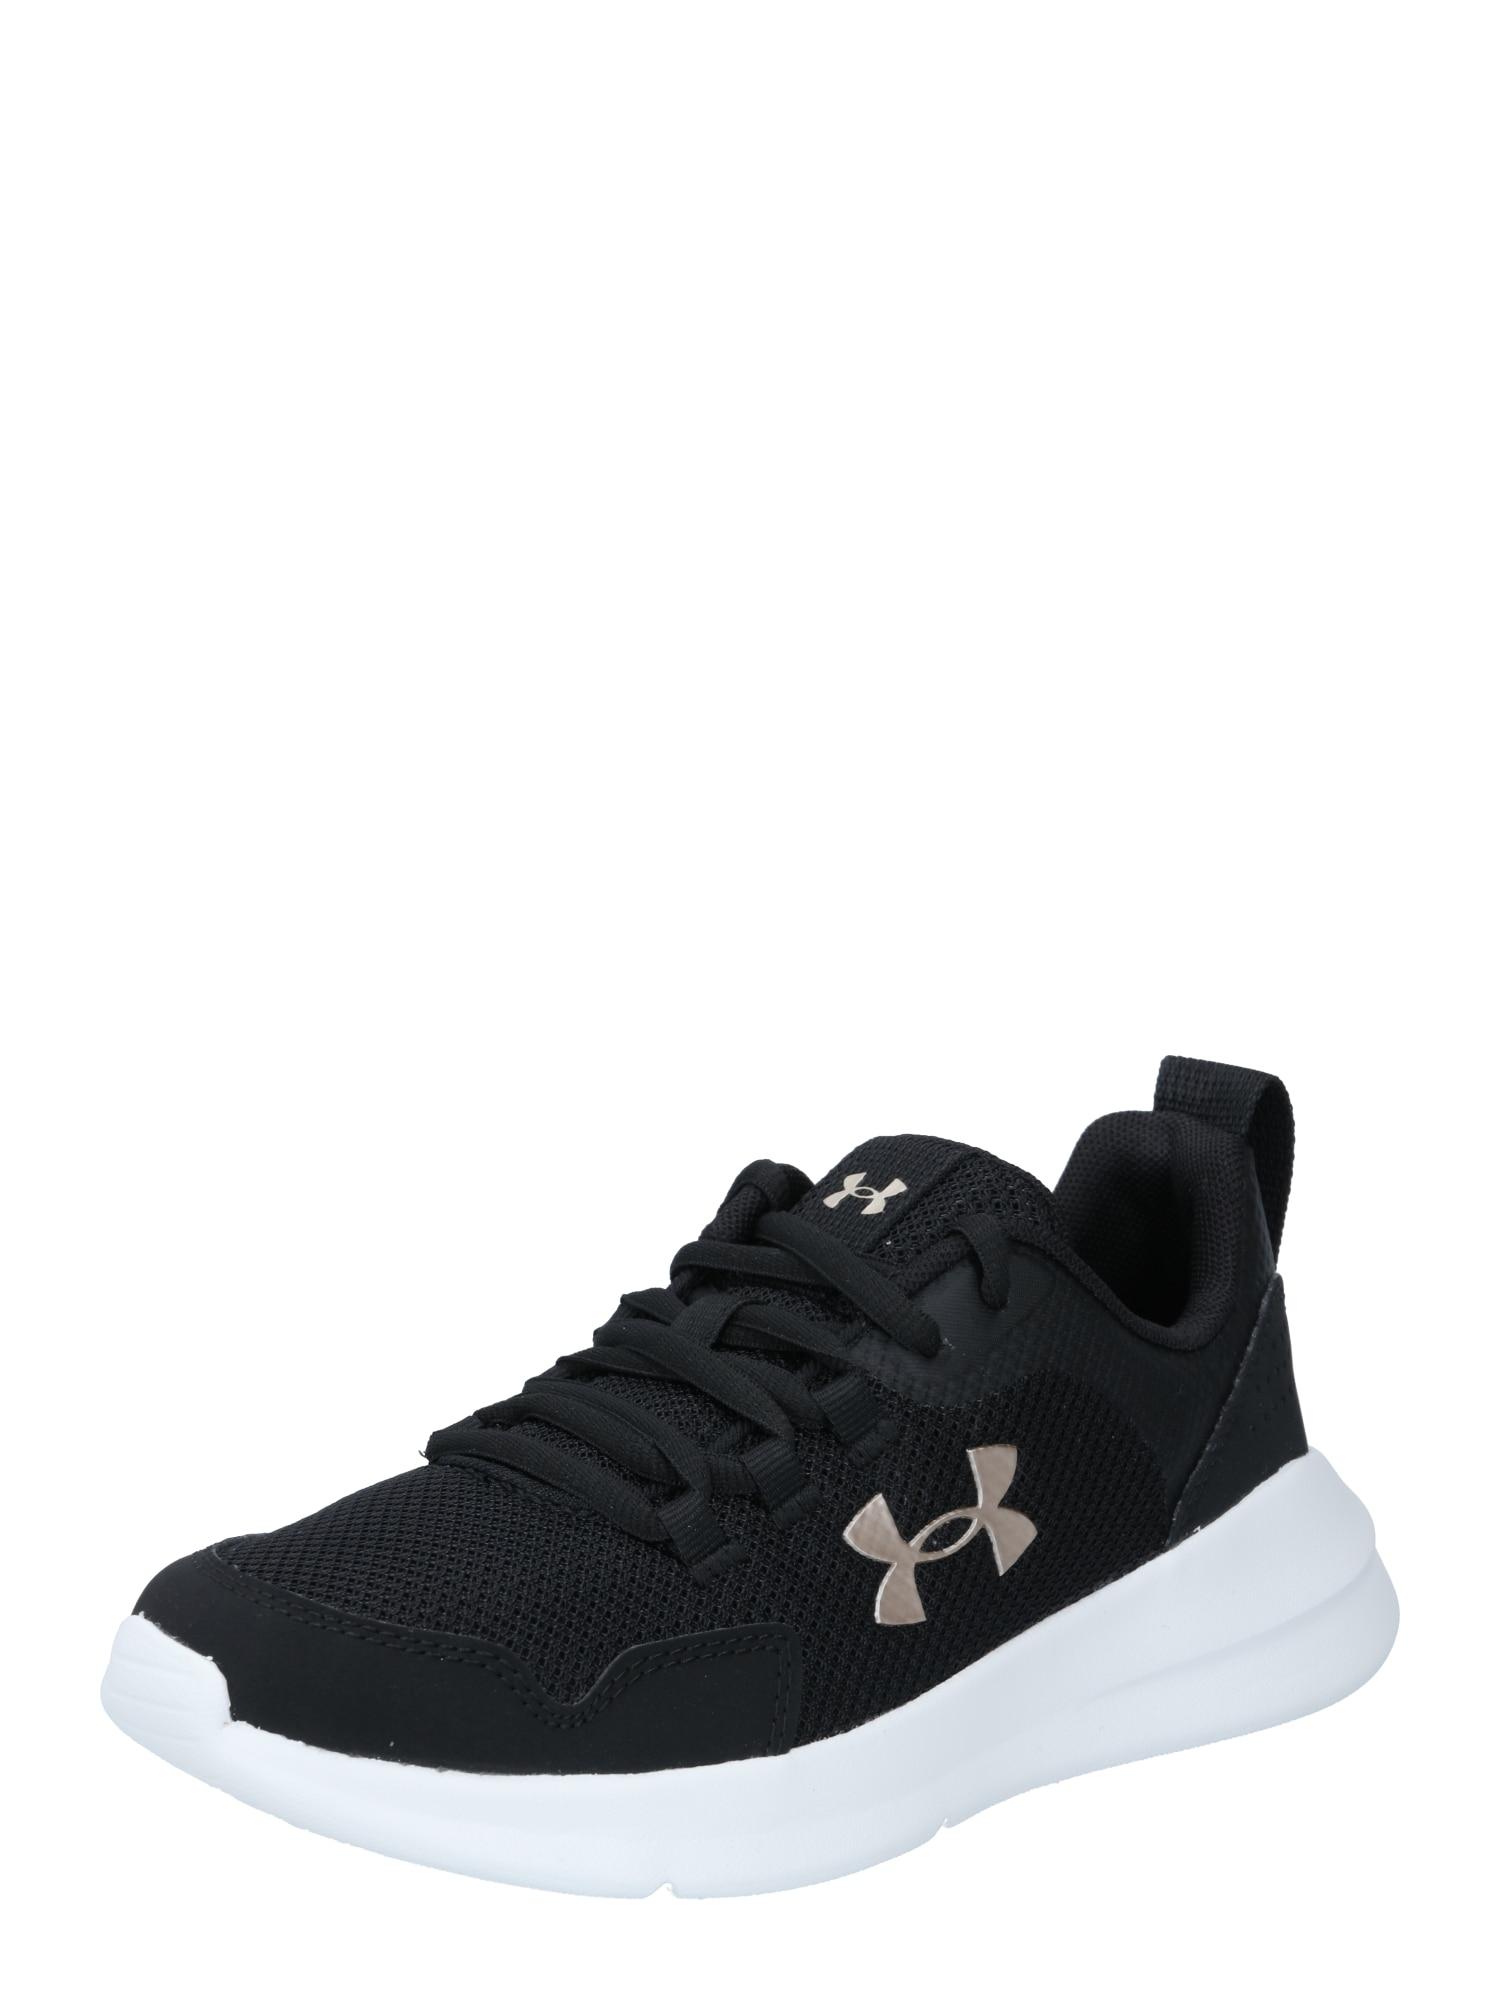 UNDER ARMOUR Sportiniai batai ' GGS Essential' juoda / smėlio